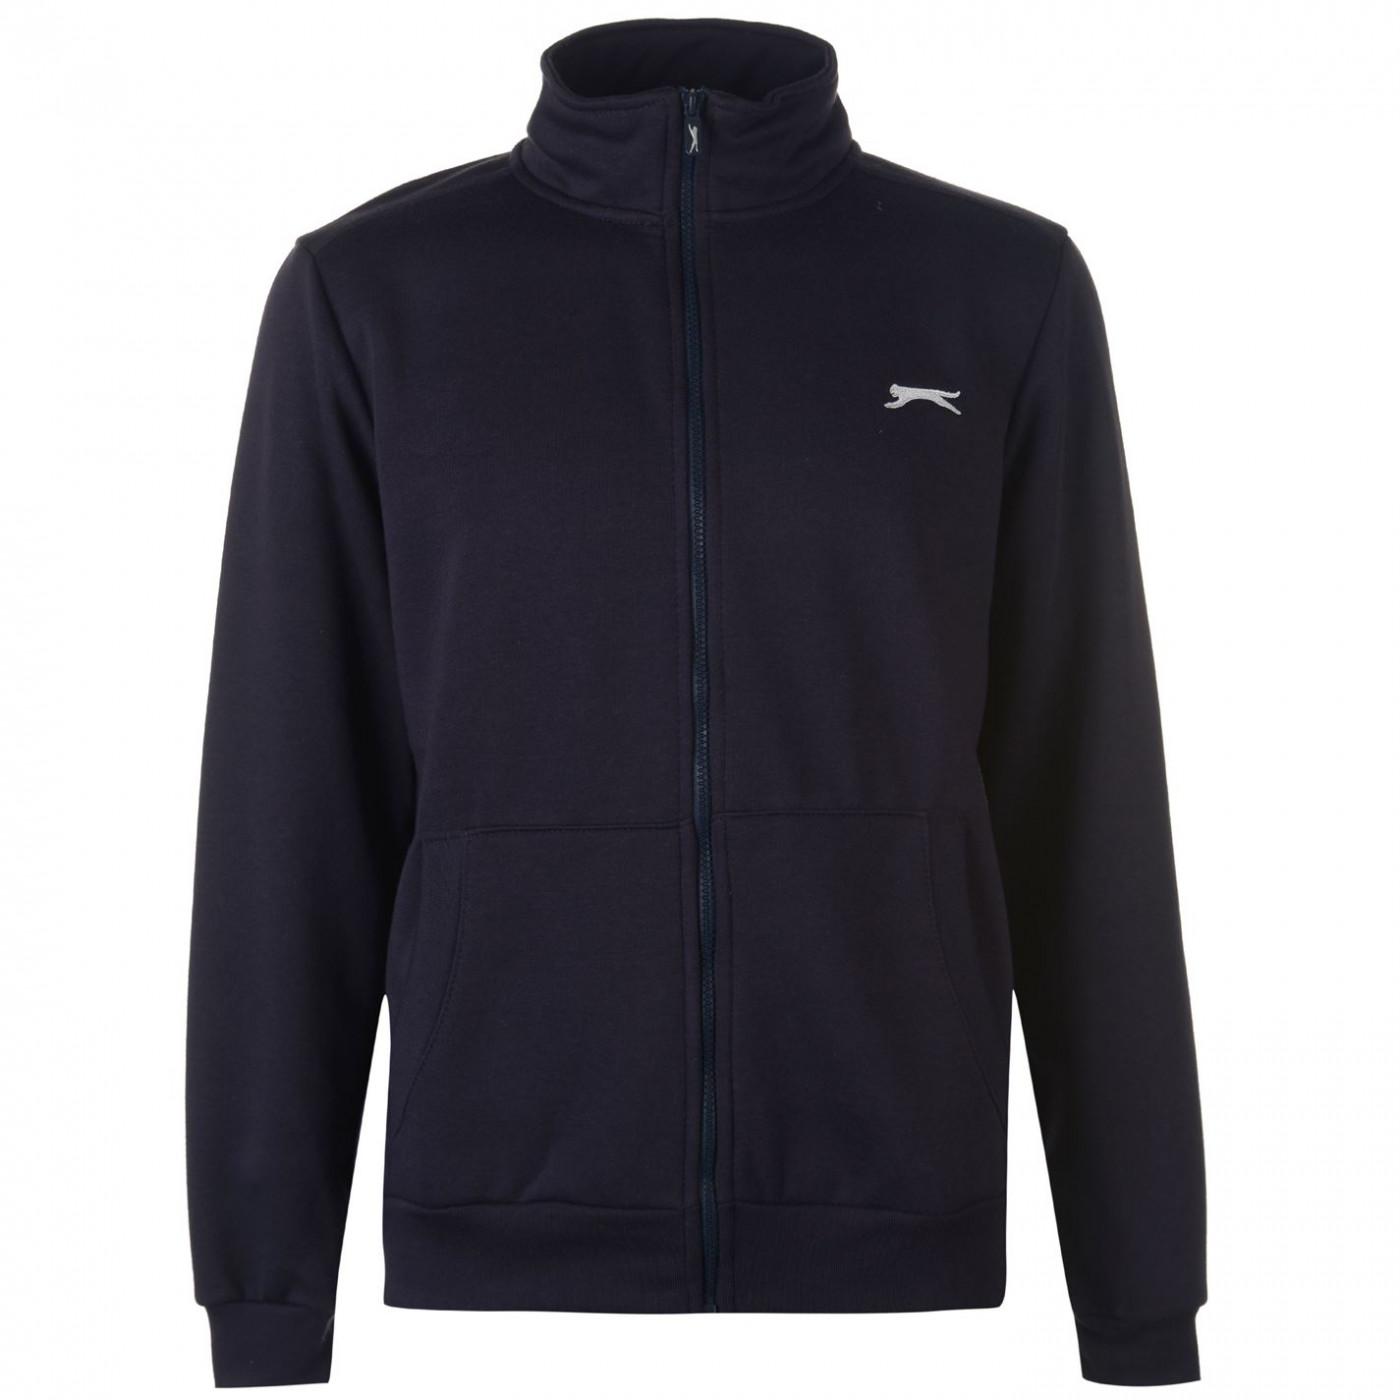 Men's sweatshirt Slazenger Zipped